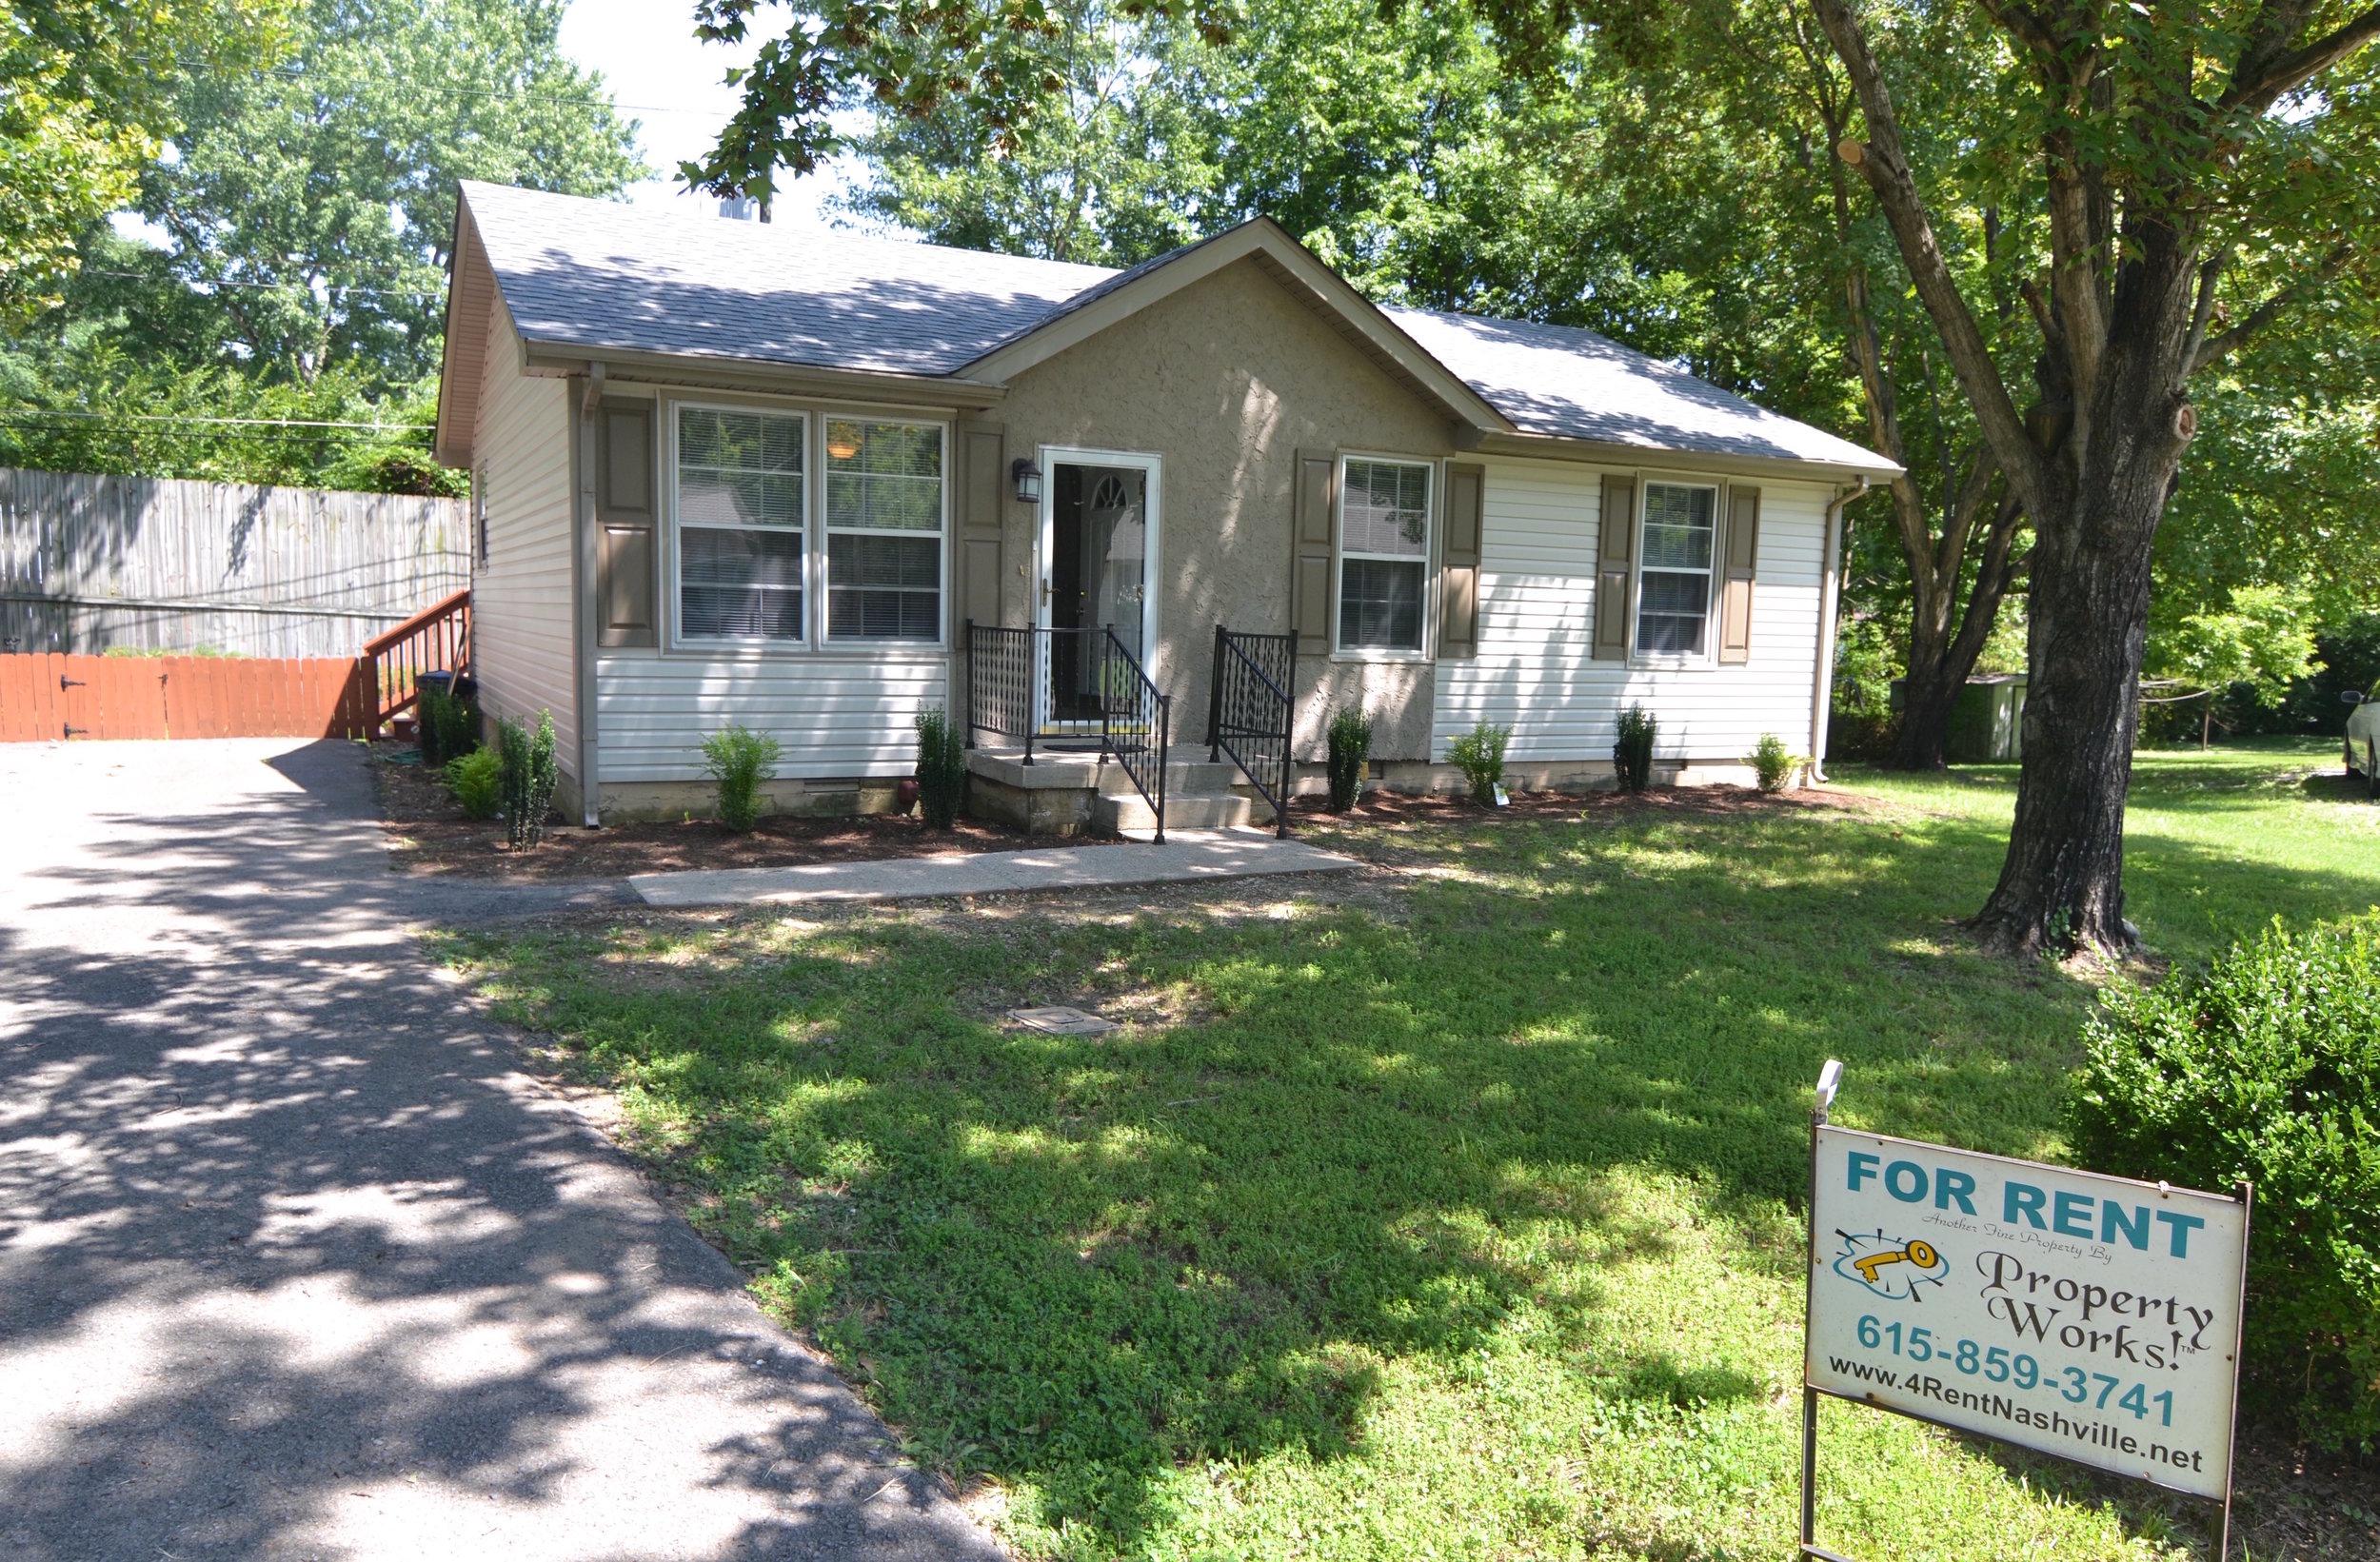 117 RENTED HENDERSONVILLE: 117 Pebble Cr: House: 3 / 1.5